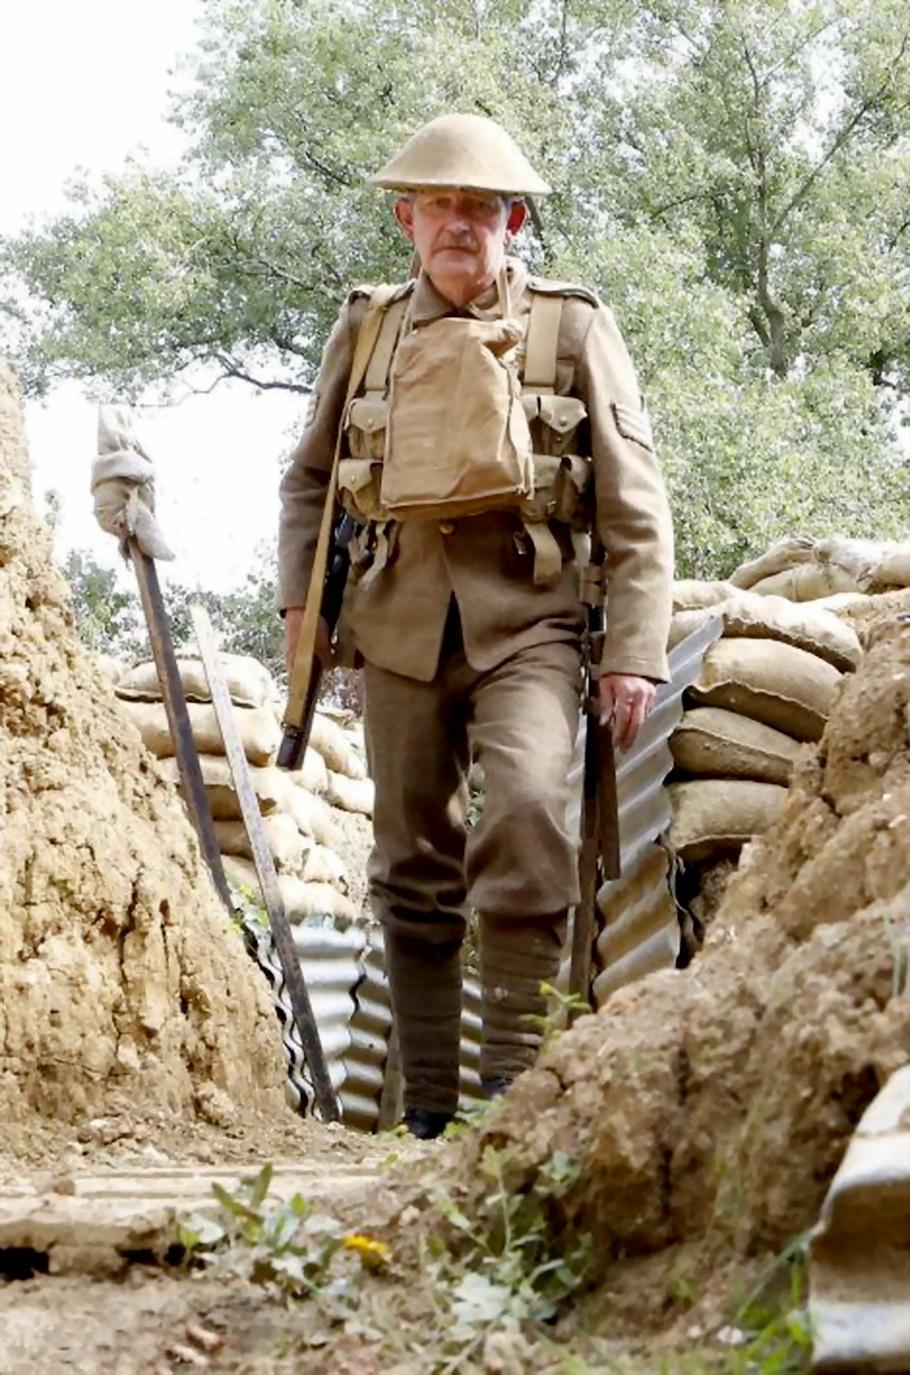 英国历史学家后院建战壕还原一战前线生活图片